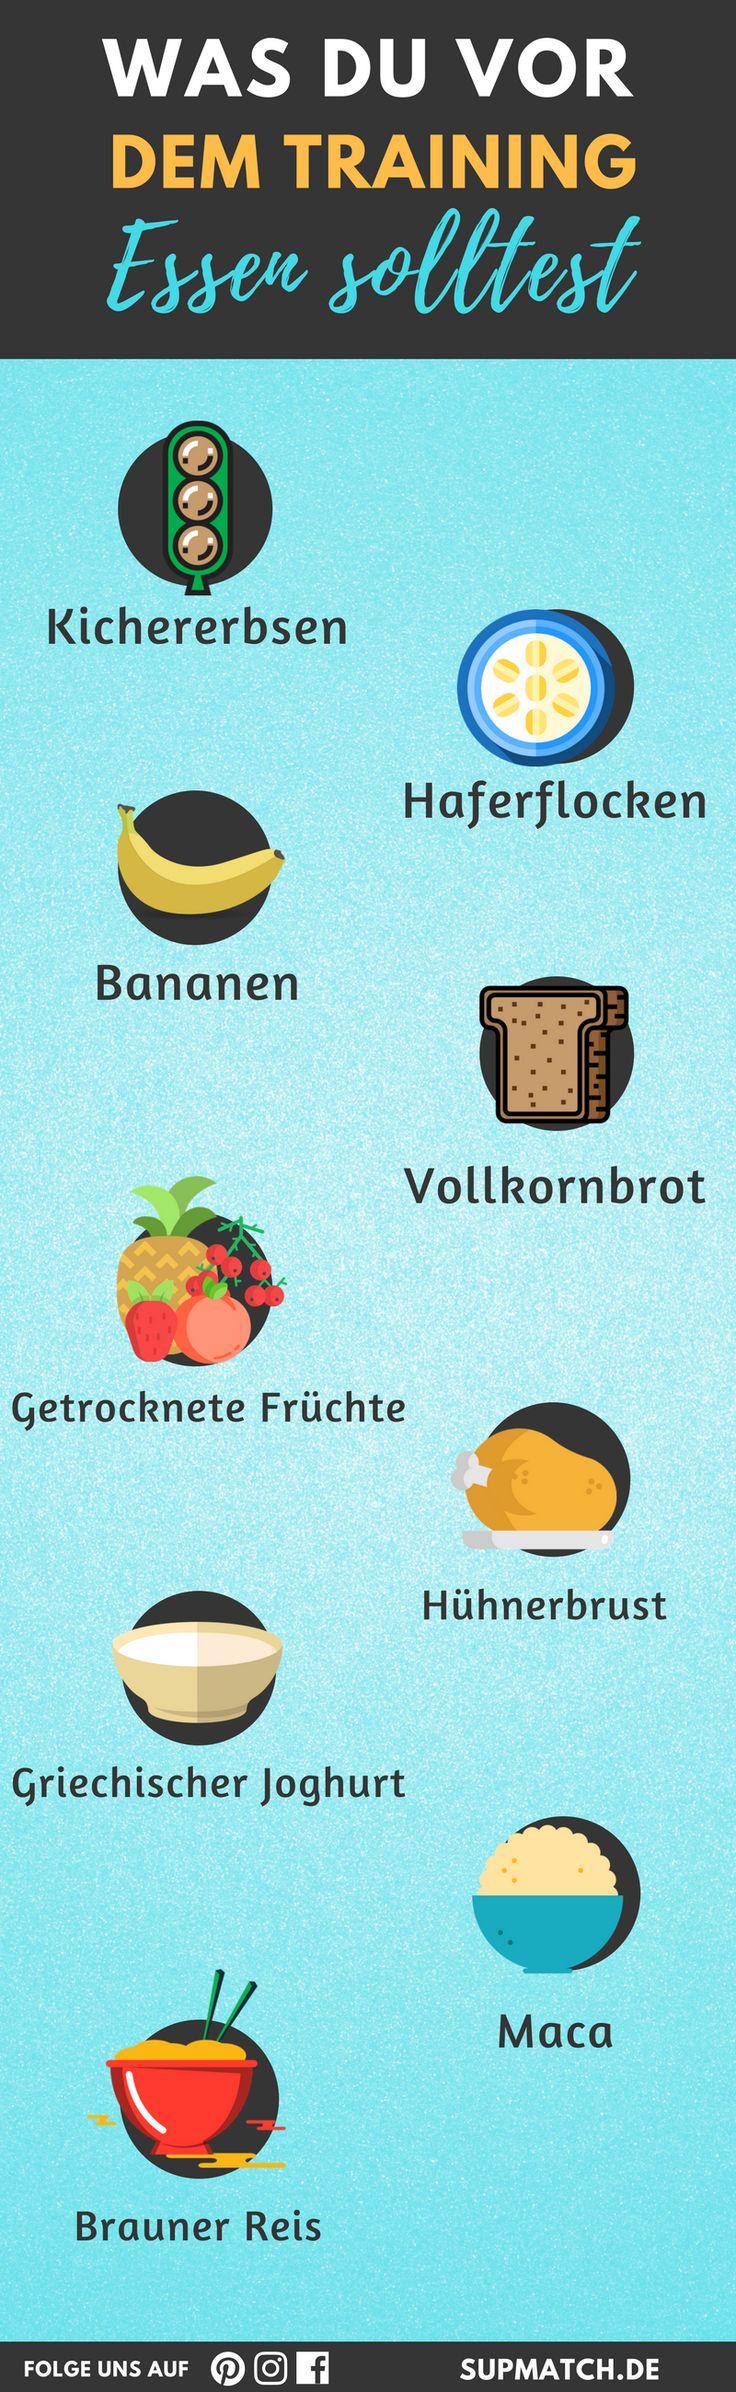 Was du vor dem Training essen solltest.